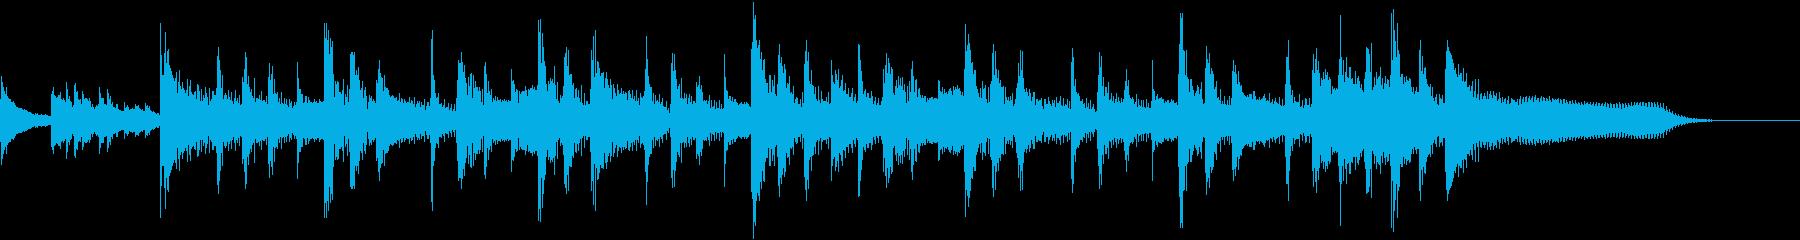 ランチェロリズム、スローテンポ、ピ...の再生済みの波形